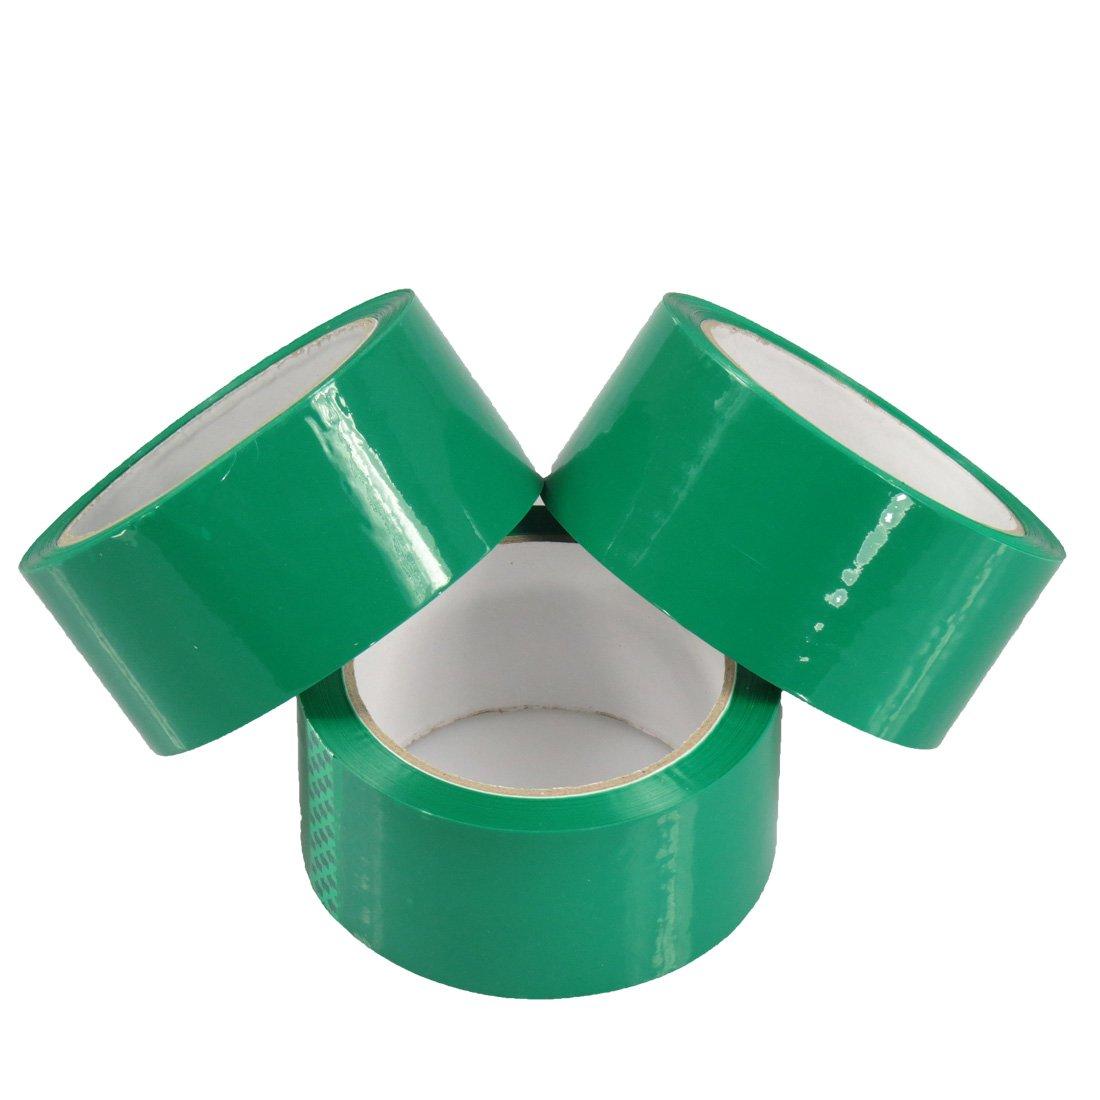 Triplast 48 mm x 66 m, a basso rumore imballaggio nastro, colore: verde (Confezione da 3) CL